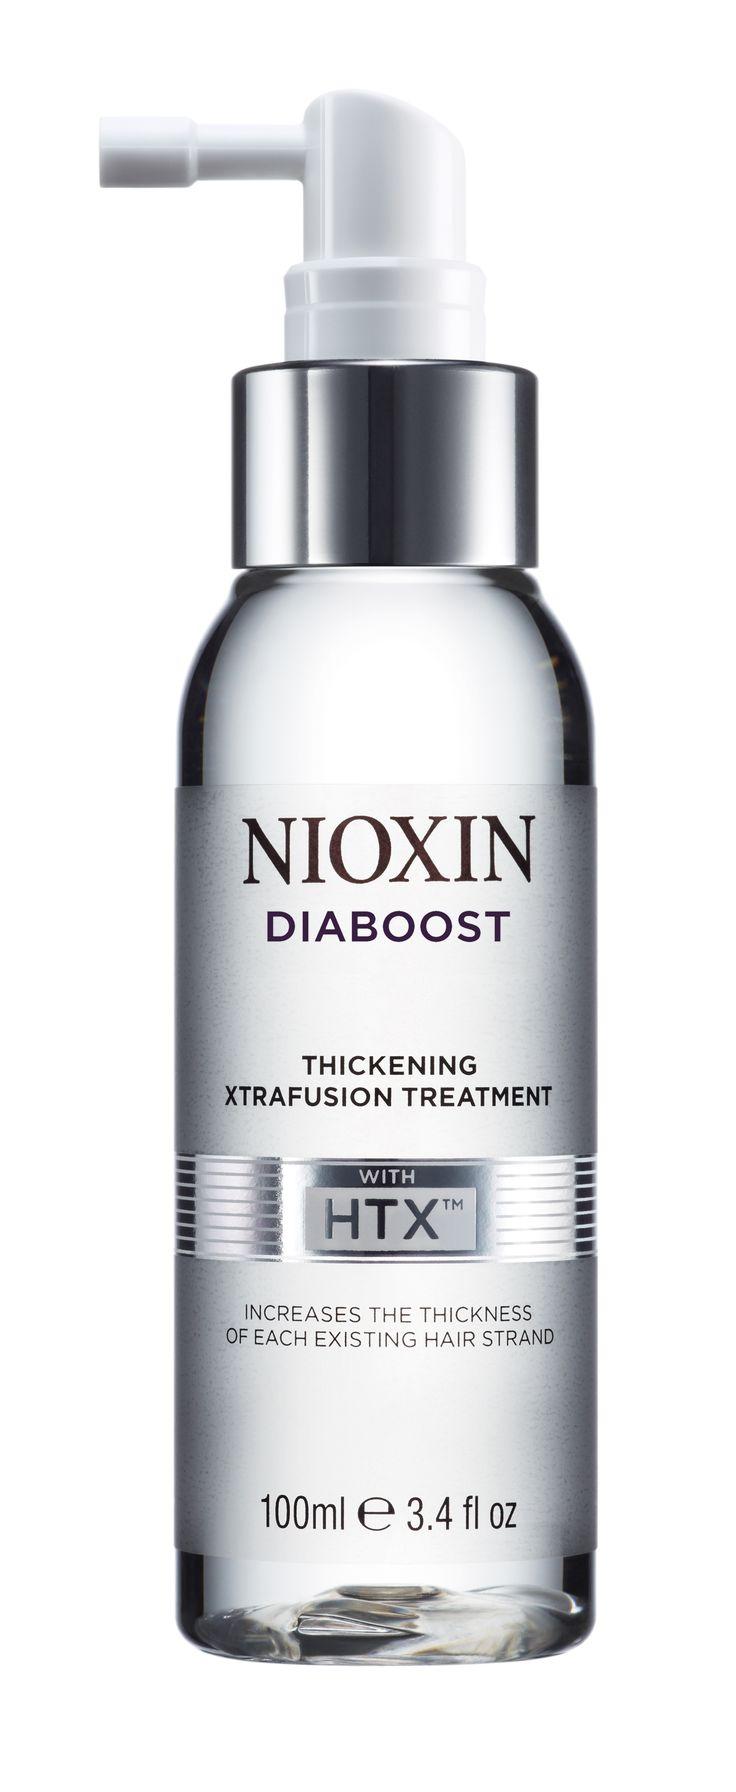 Kosmeettinen tuote, lisää jokaisen olemassa olevan hiuksen paksuutta käytettäessä päivittäin! #Hiustalojes #Nioxin #Hiusviagra #Diaboost #Thickening